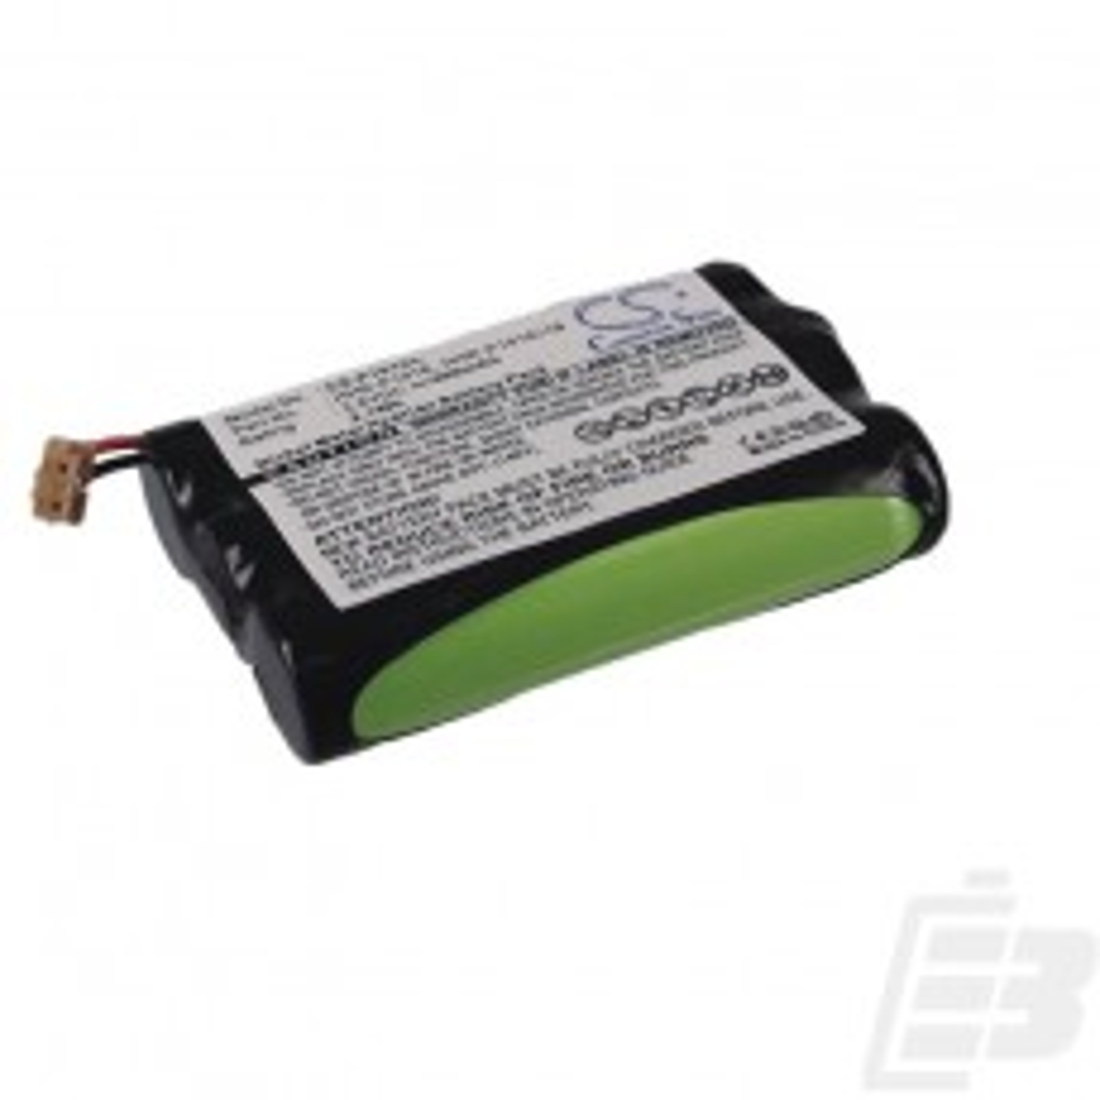 Μπαταρία ασύρματου τηλεφώνου Panasonic HHR-P101E_1